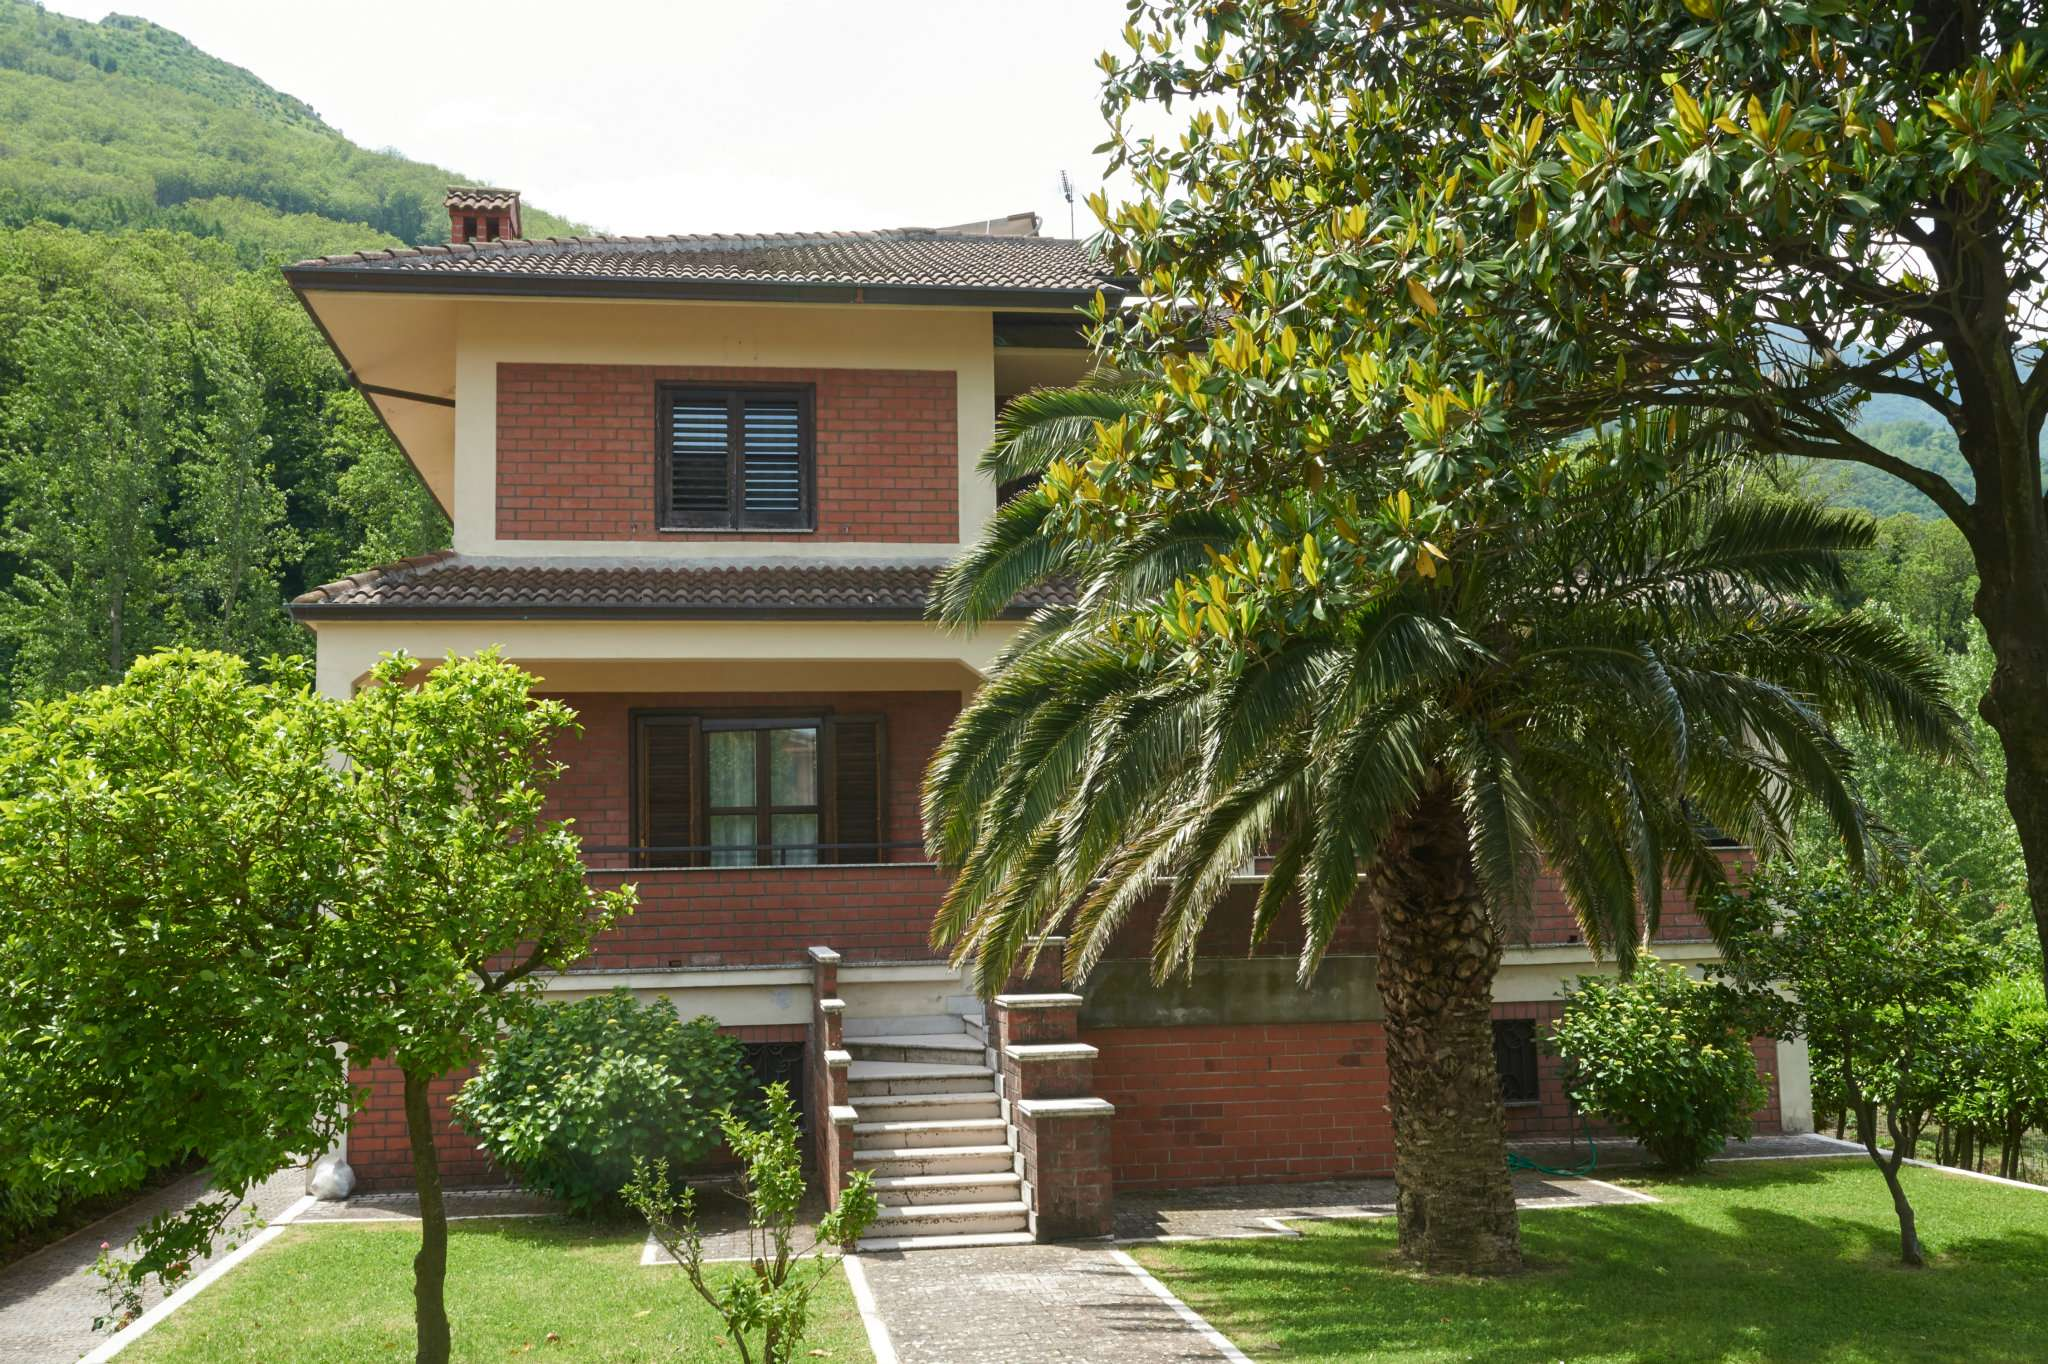 Villa in vendita a Cervinara (AV)